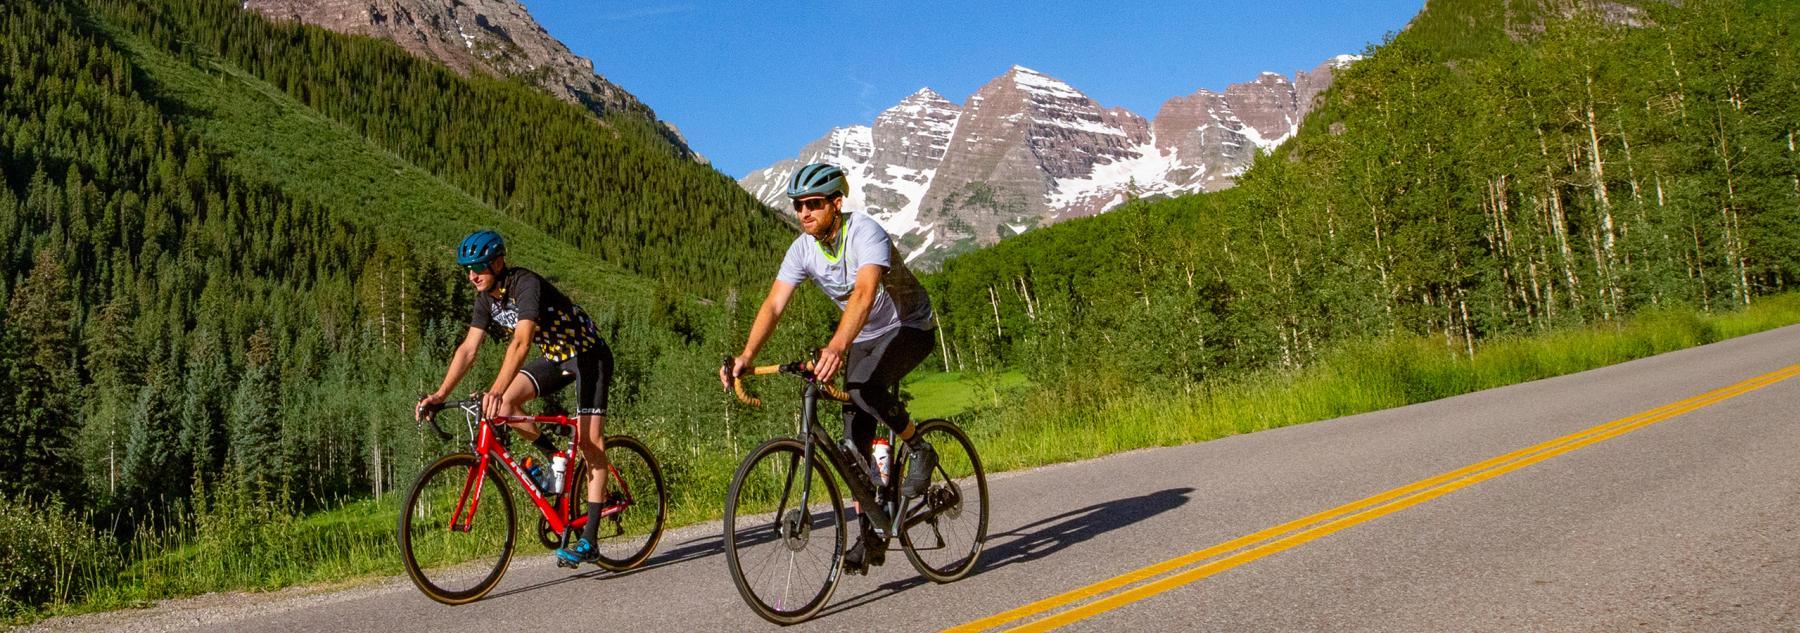 Aspen Biking Near the Maroon Bells